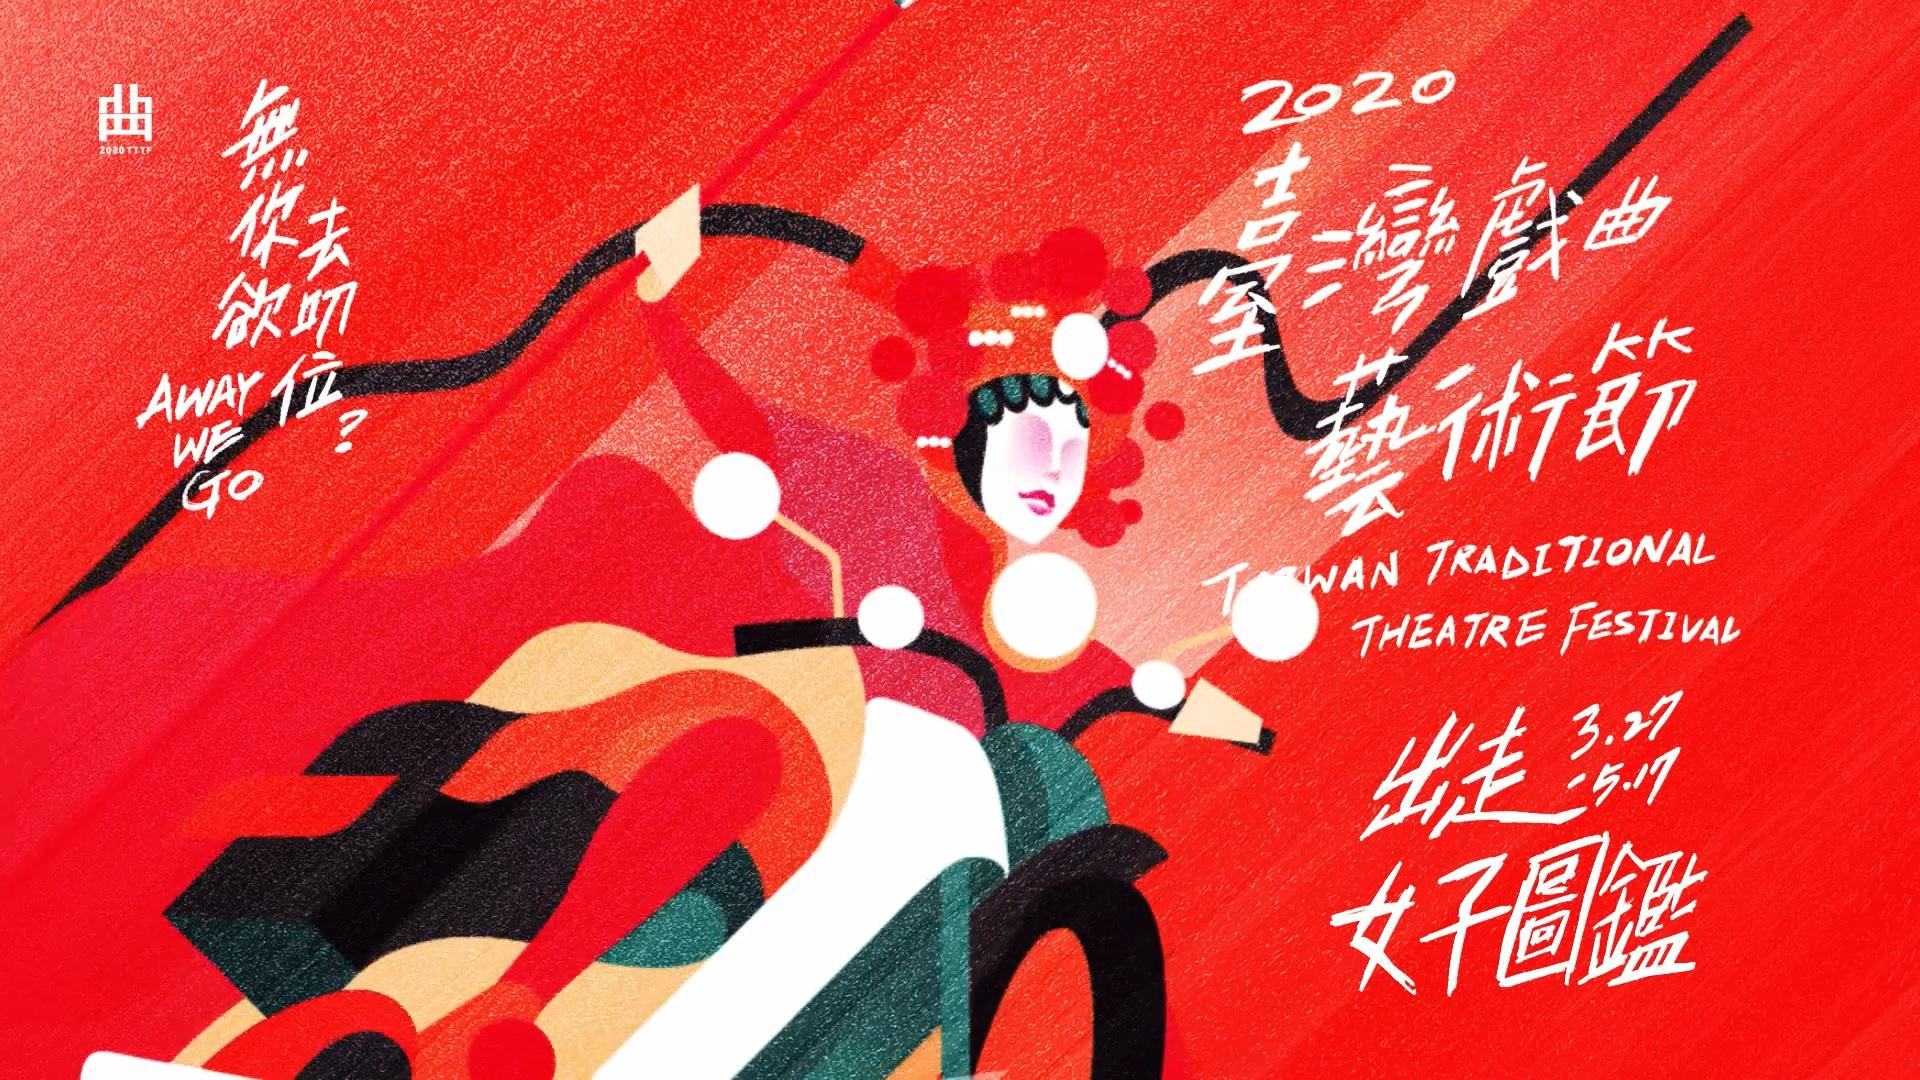 2020 臺灣戲曲藝術節|黑盒子裡的精神出走